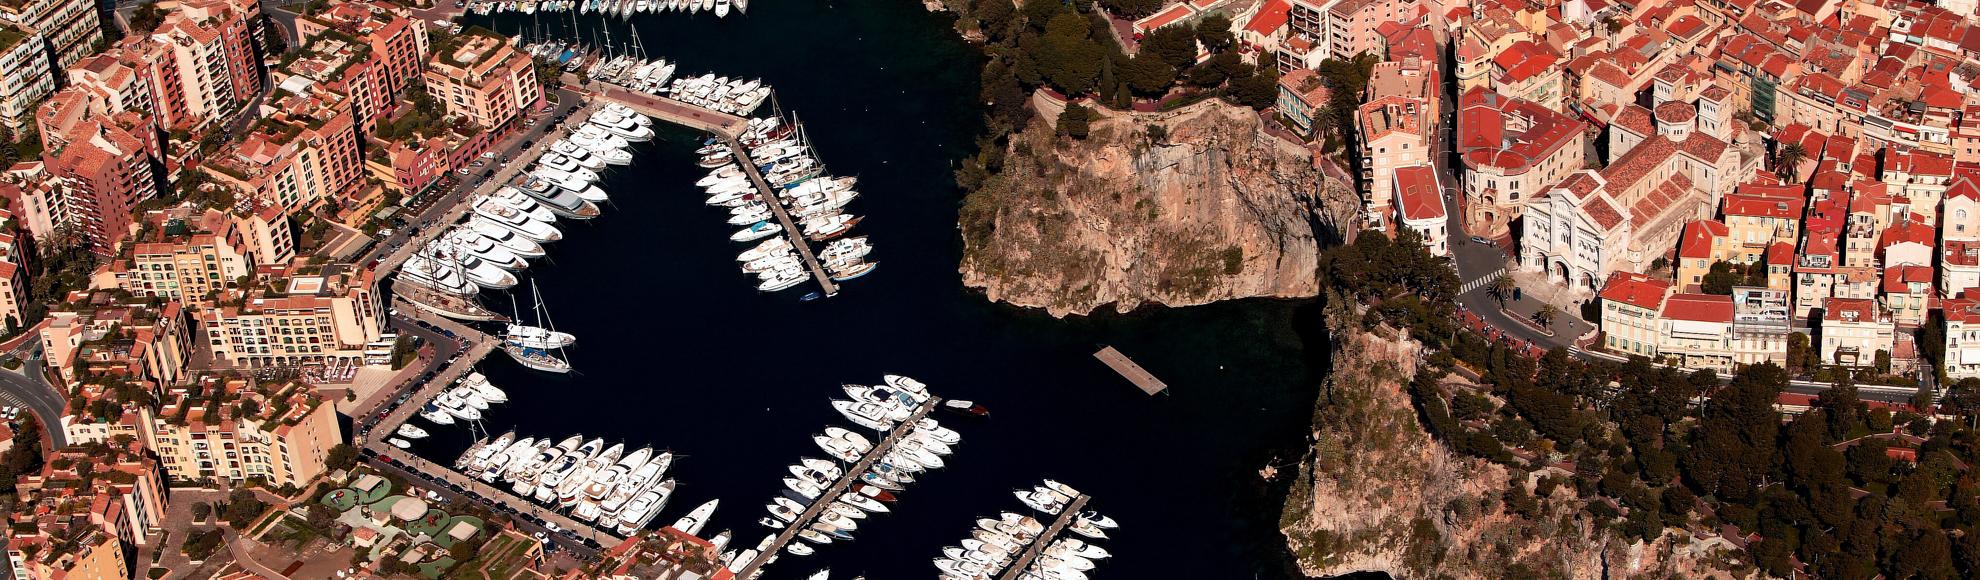 Bienvenue à Monaco !